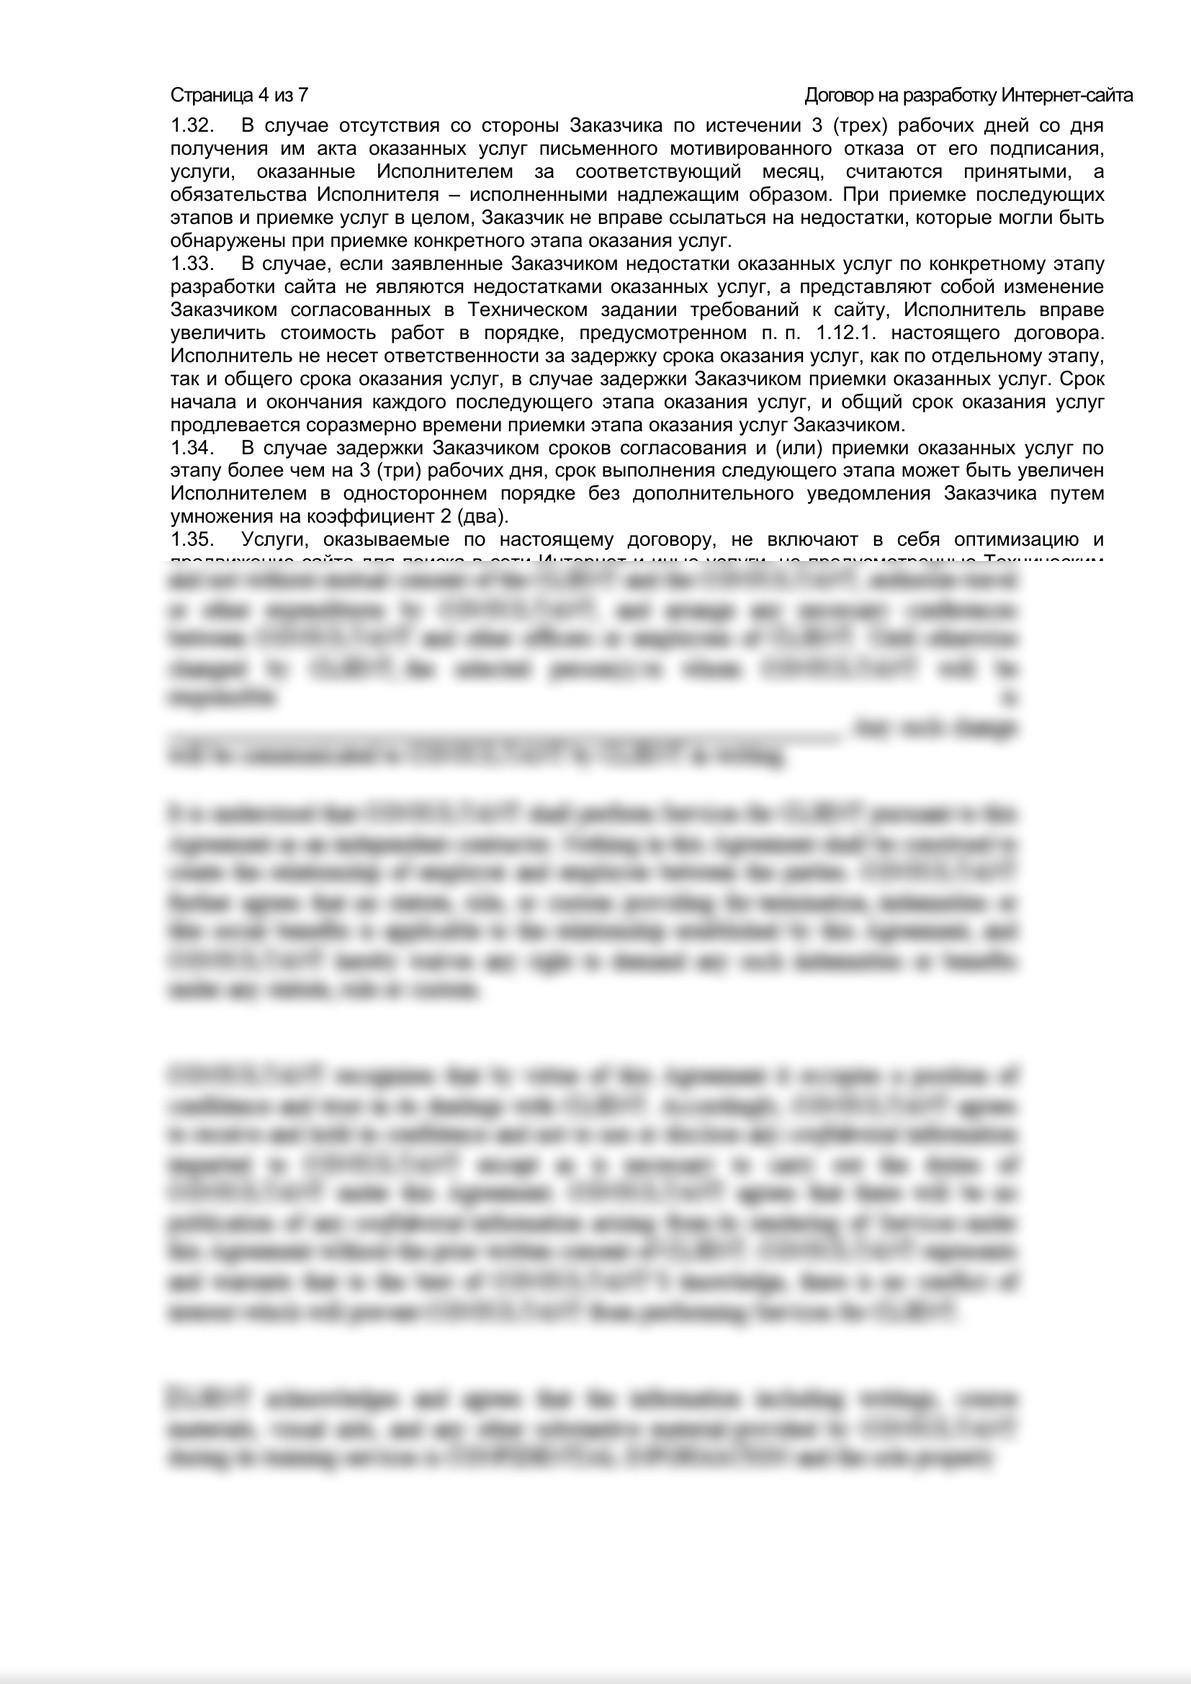 Шаблон договора на разработку Интернет-сайта-3